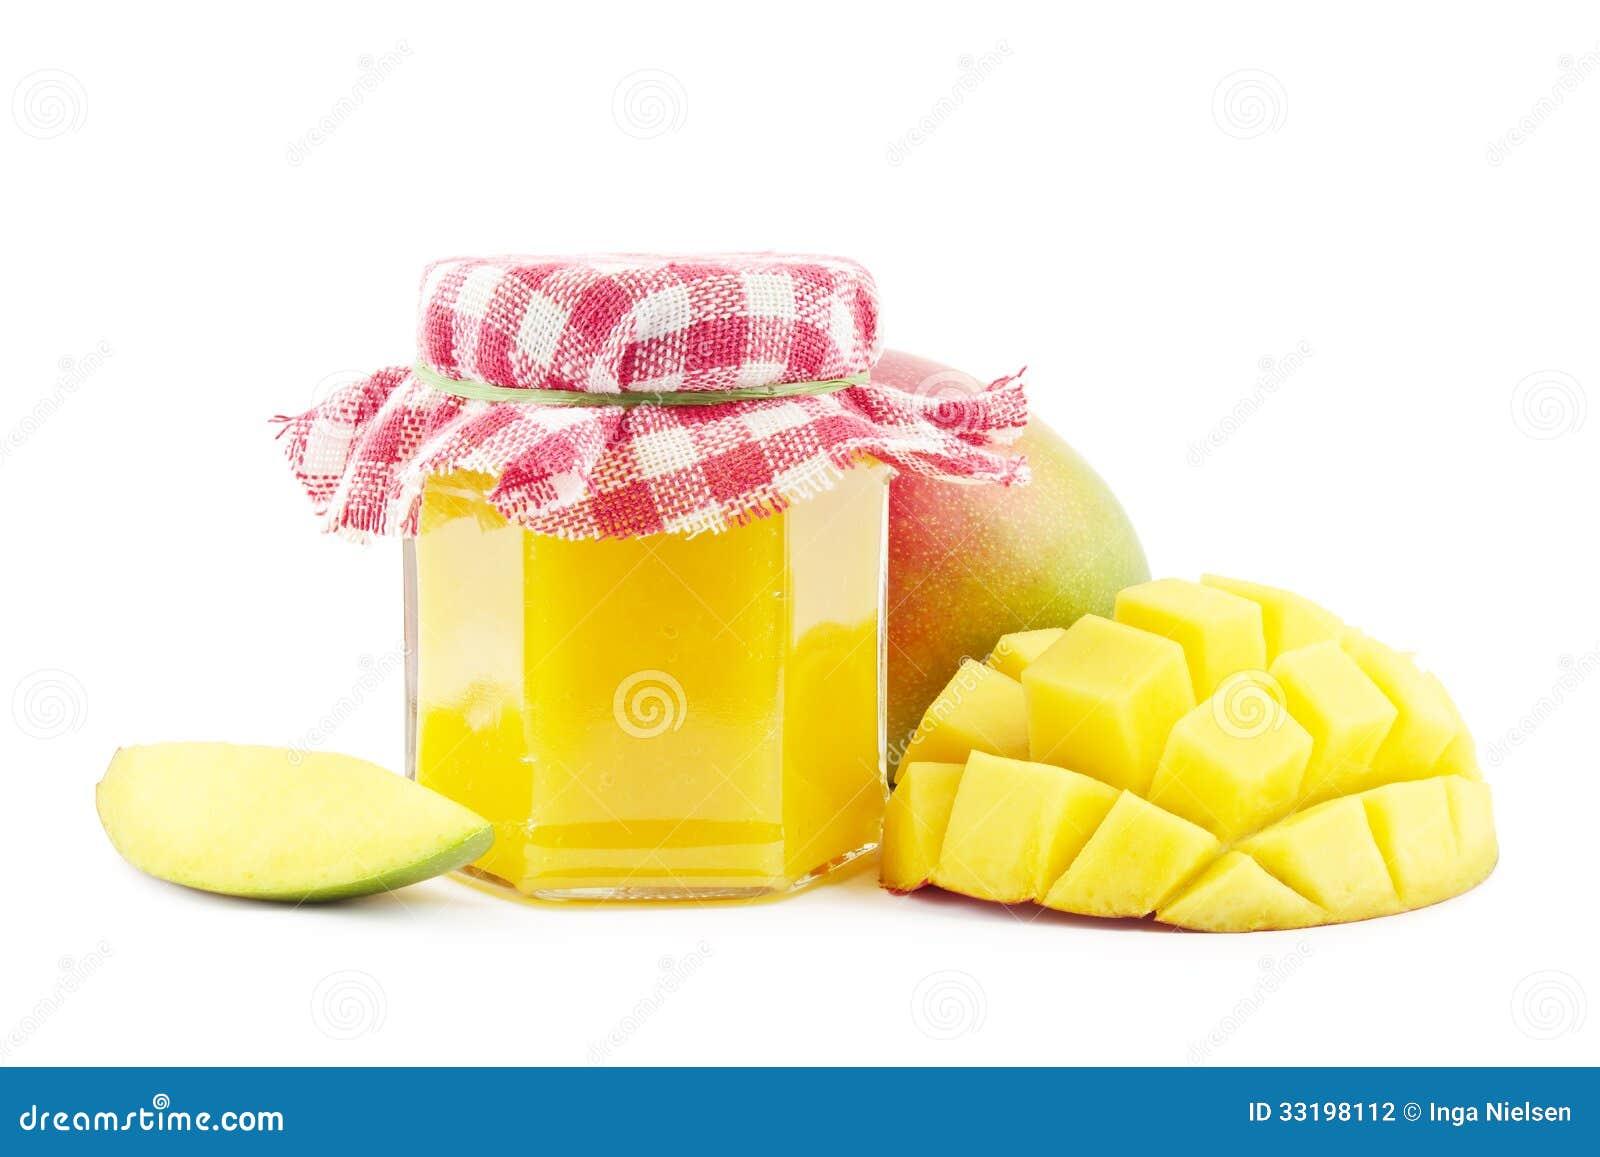 Mango jam with fresh mangoes on white.